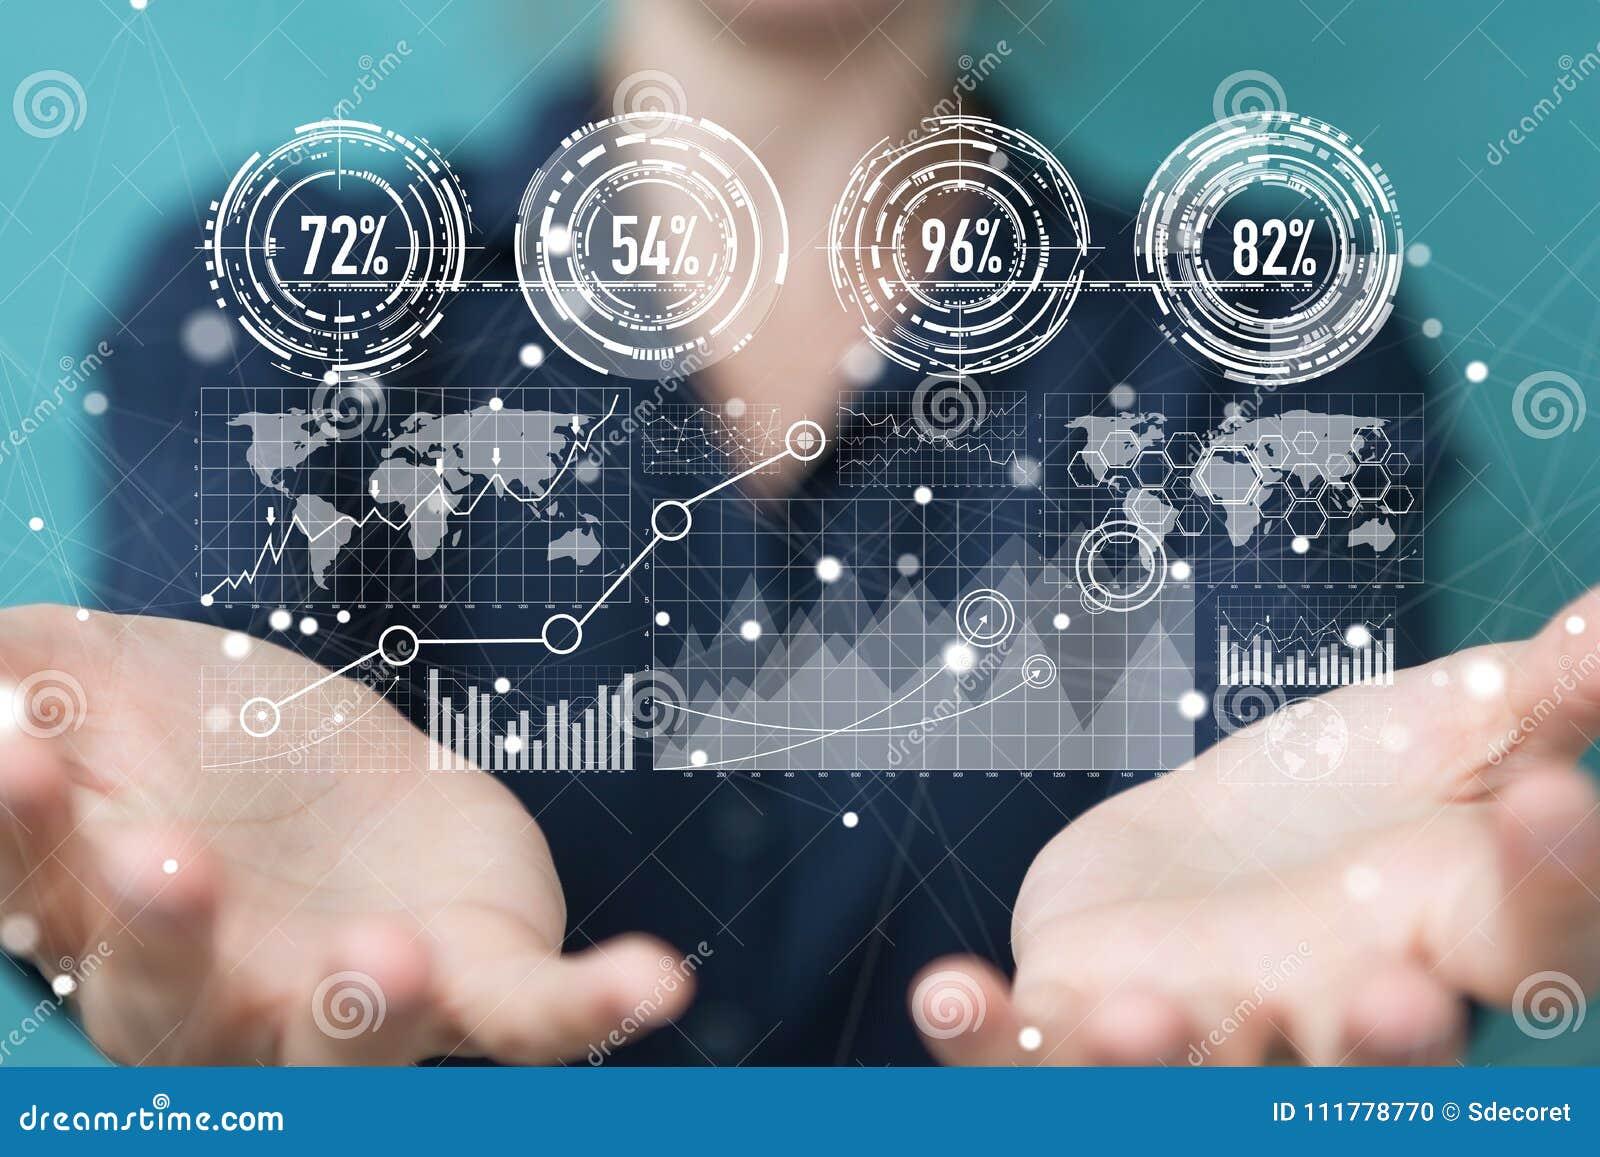 Επιχειρηματίας που χρησιμοποιεί τις ψηφιακές οθόνες με το τρισδιάστατο rend datas ολογραμμάτων